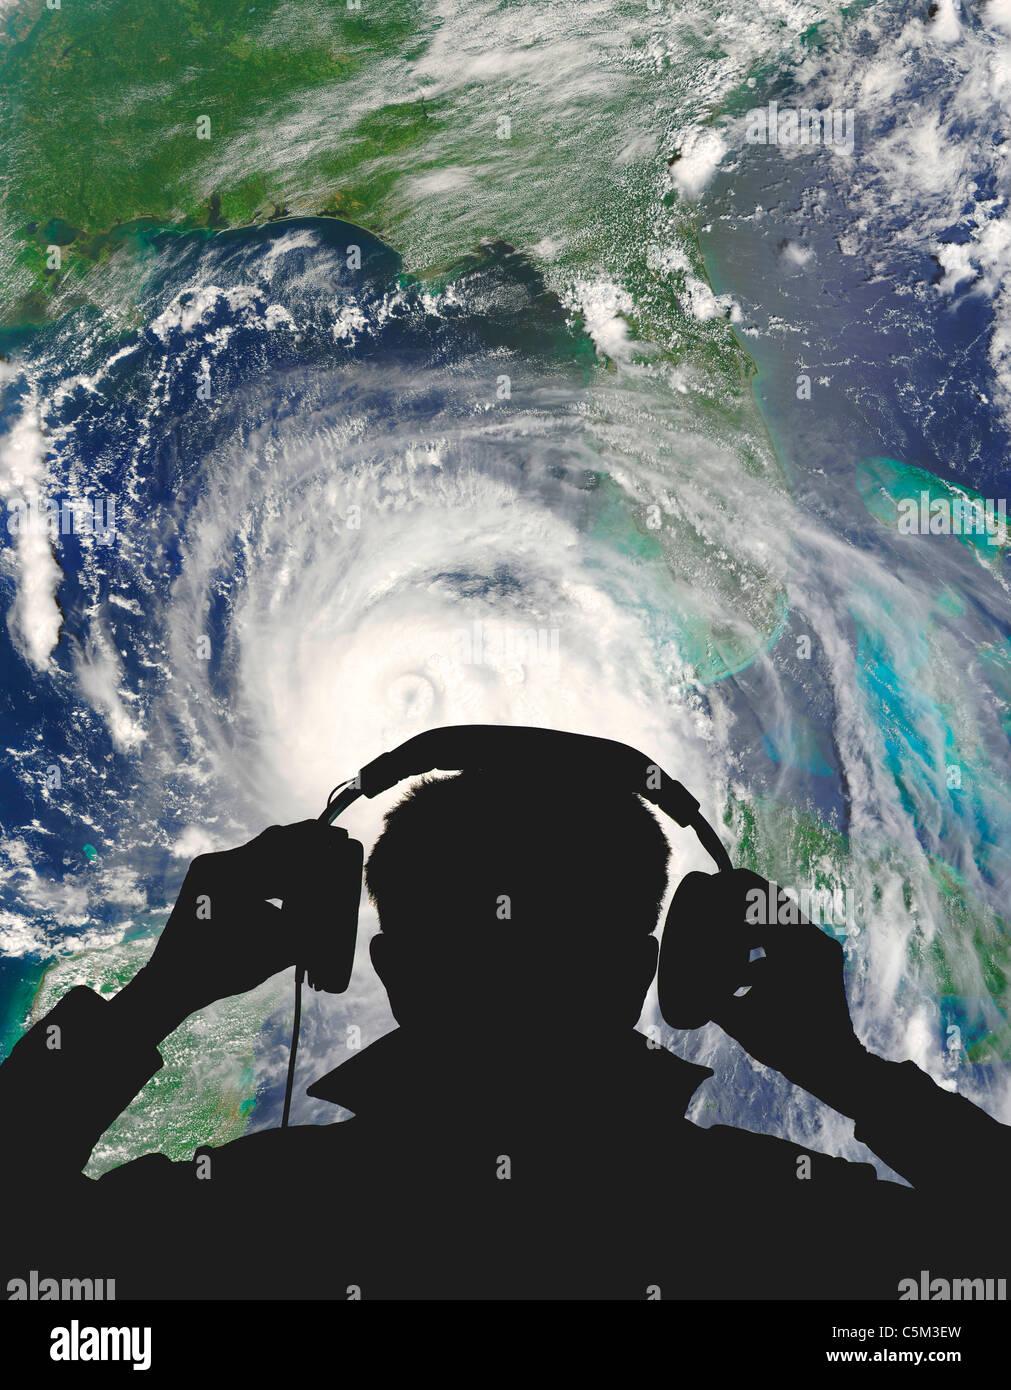 Hurrikan Katrina Wetter Ingenieur Stockbild